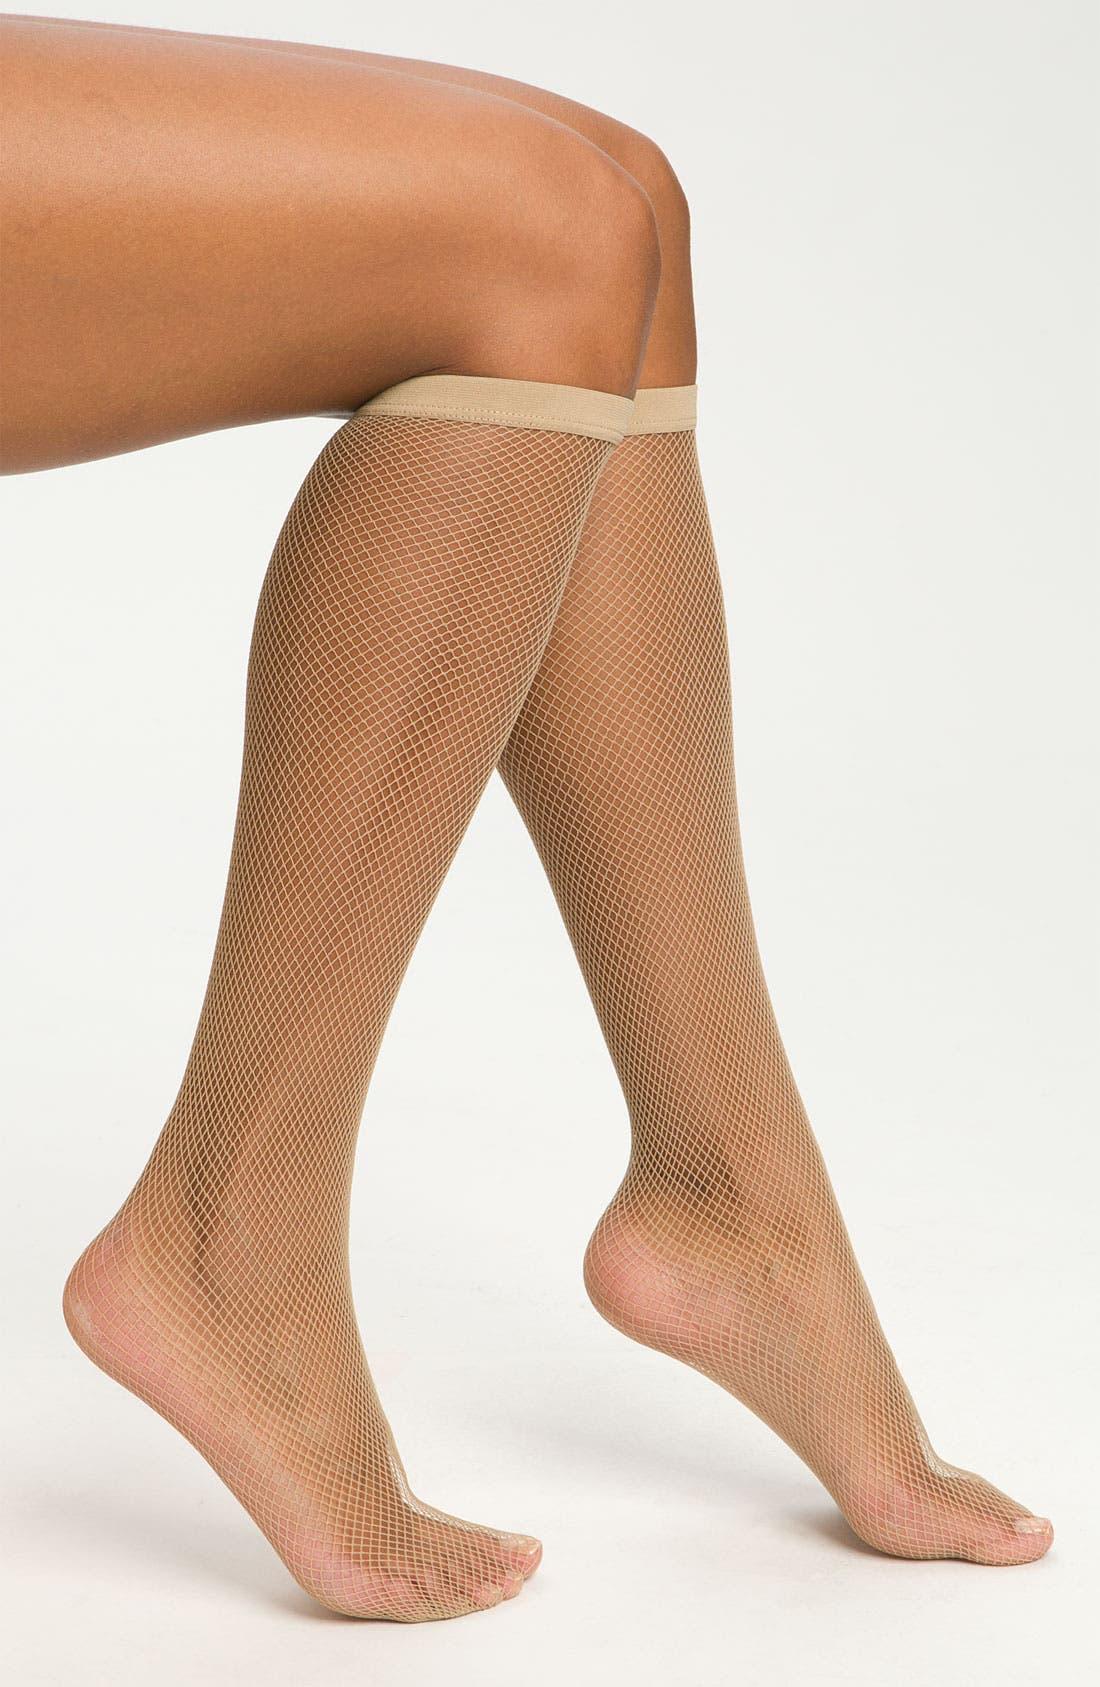 Oroblu Fishnet Trouser Socks